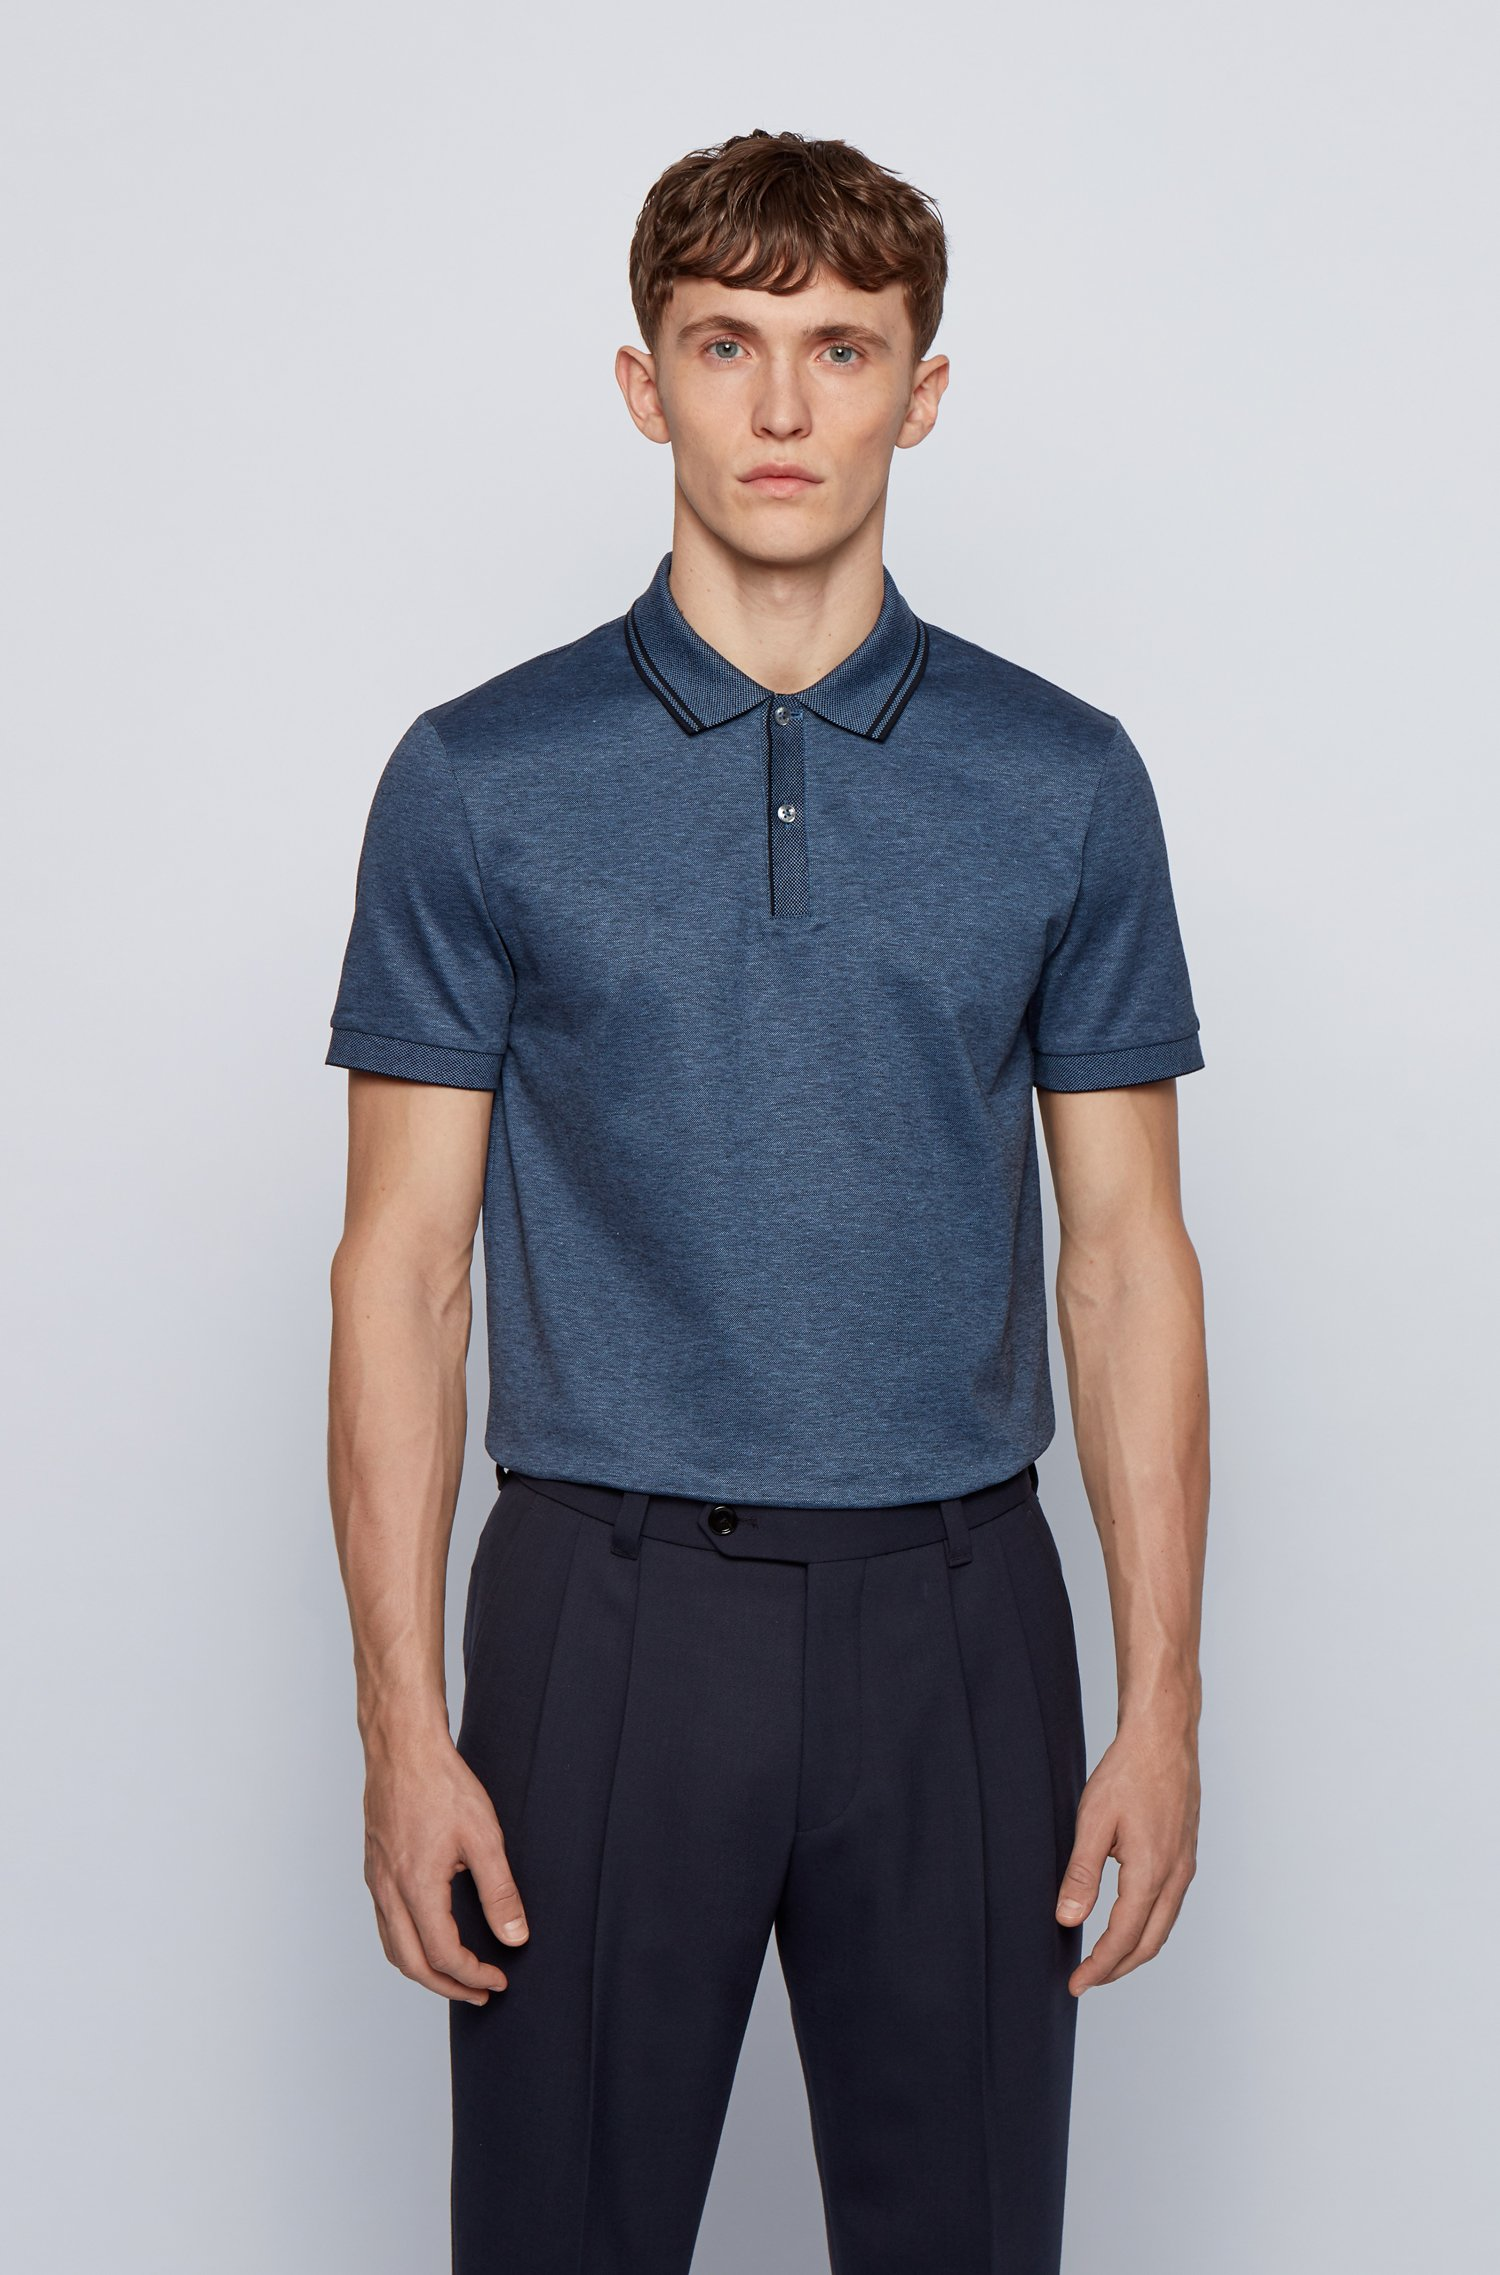 Regular-Fit Poloshirt aus merzerisierter Baumwolle mit Hanf, Blau